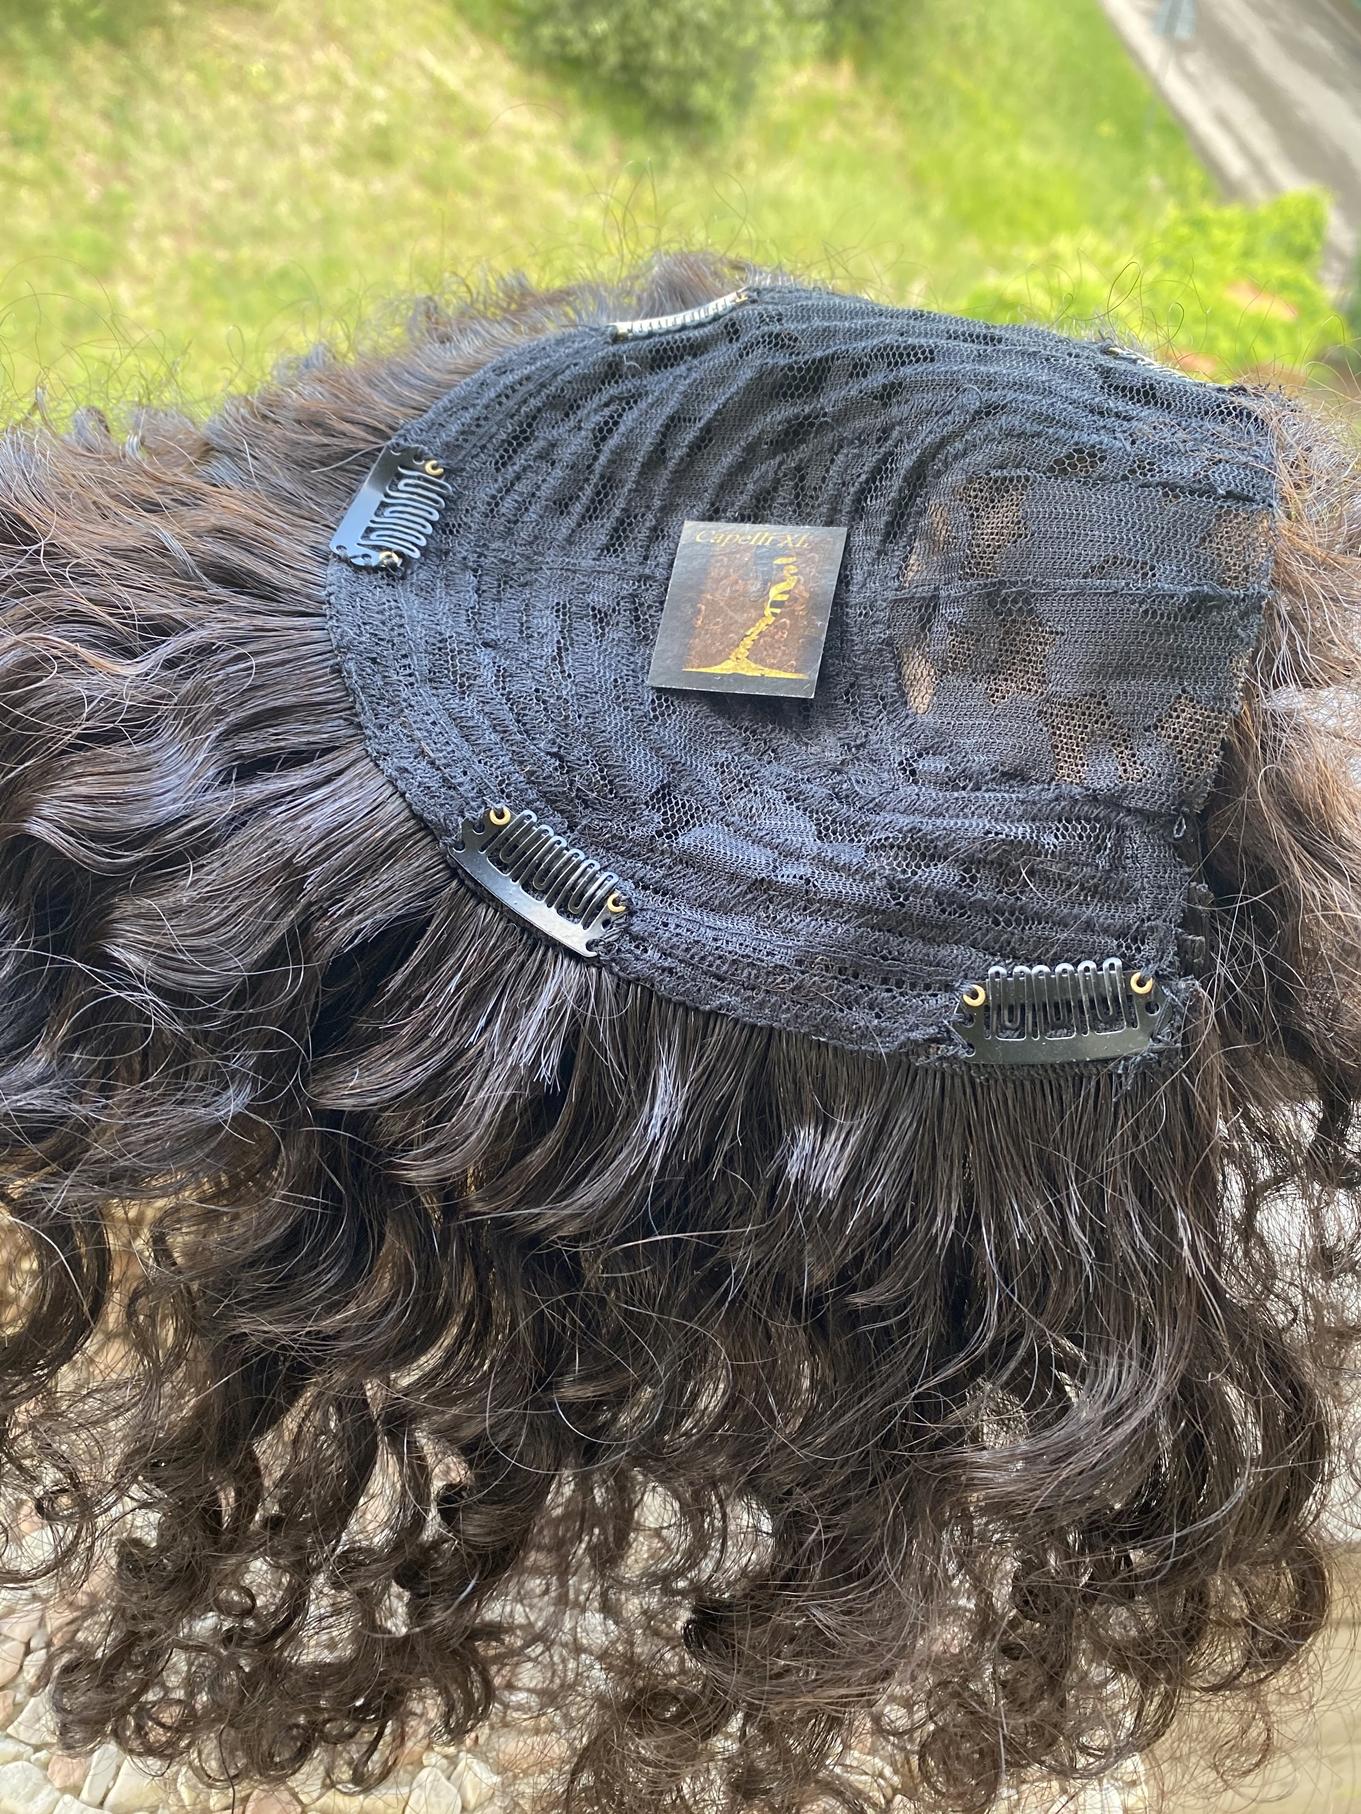 Toupet calotta con clip, per donna capelli veri remy capelli Brasiliani, da usare come infoltitore, allungamento, Vari colori disponibili